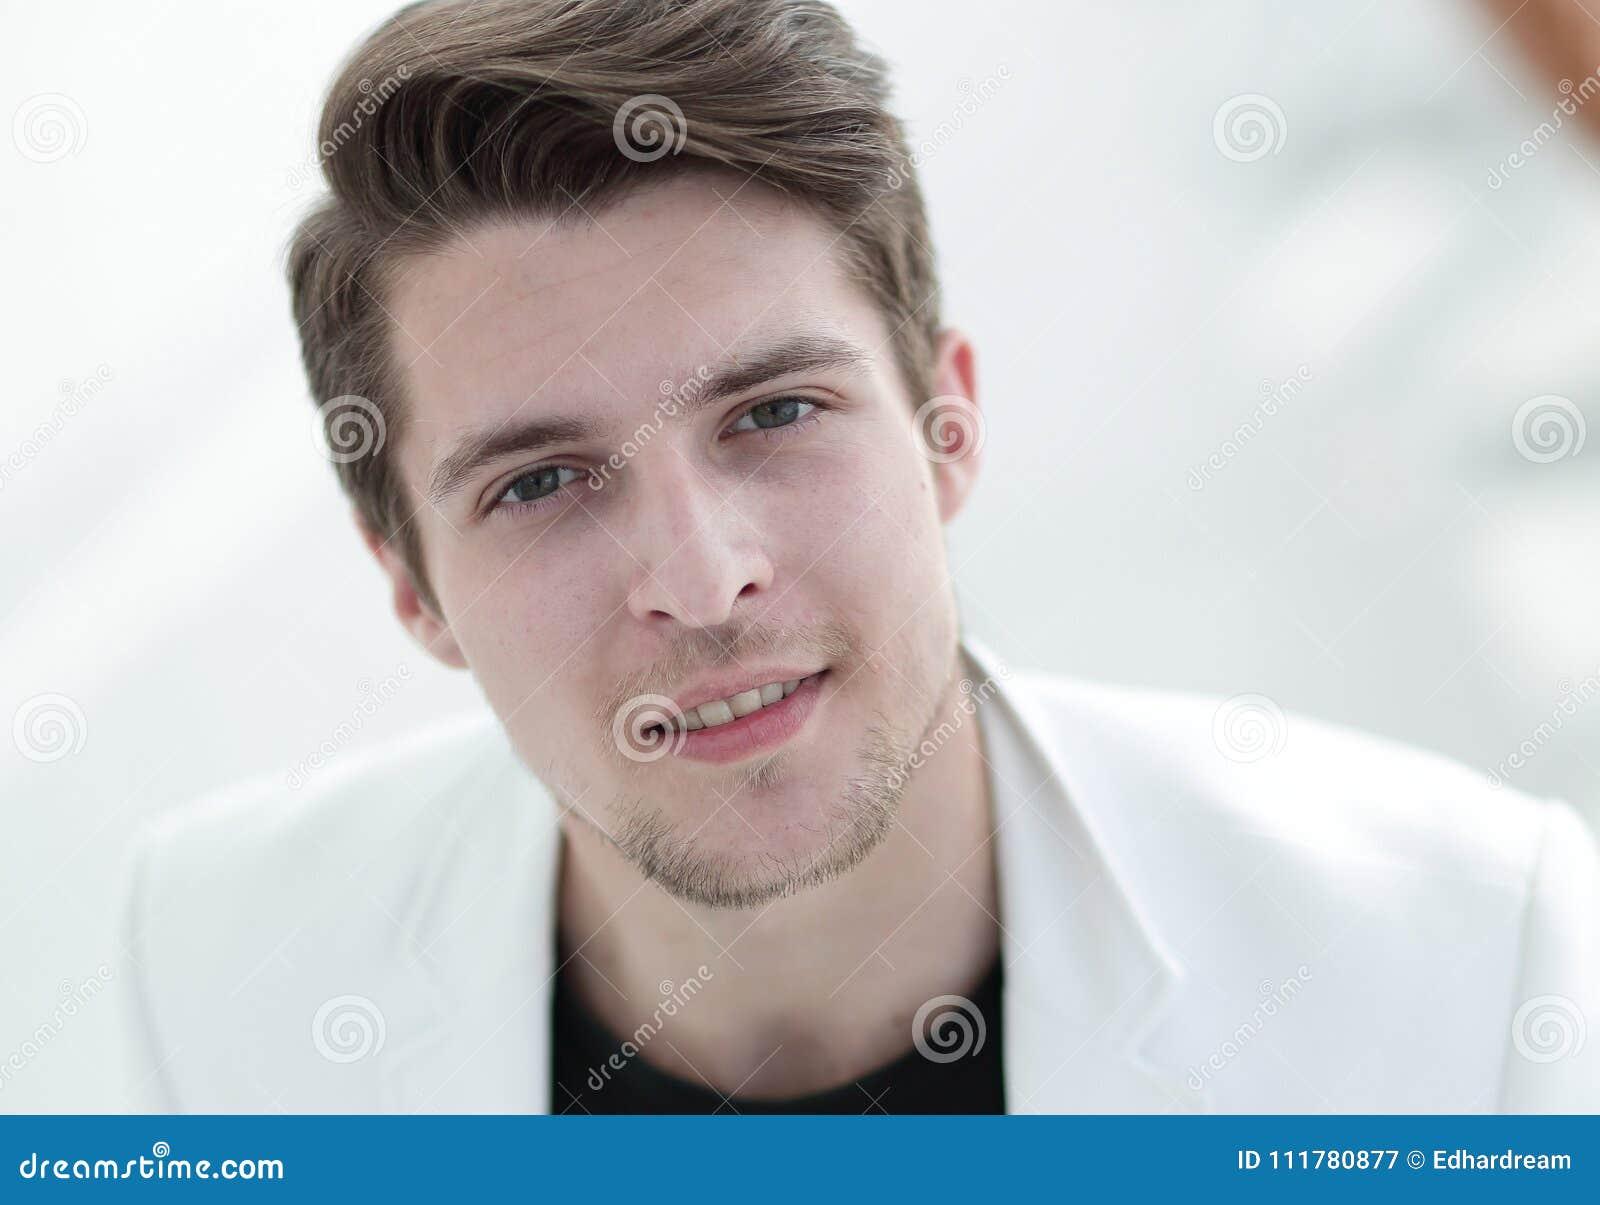 Intense man close up portrait